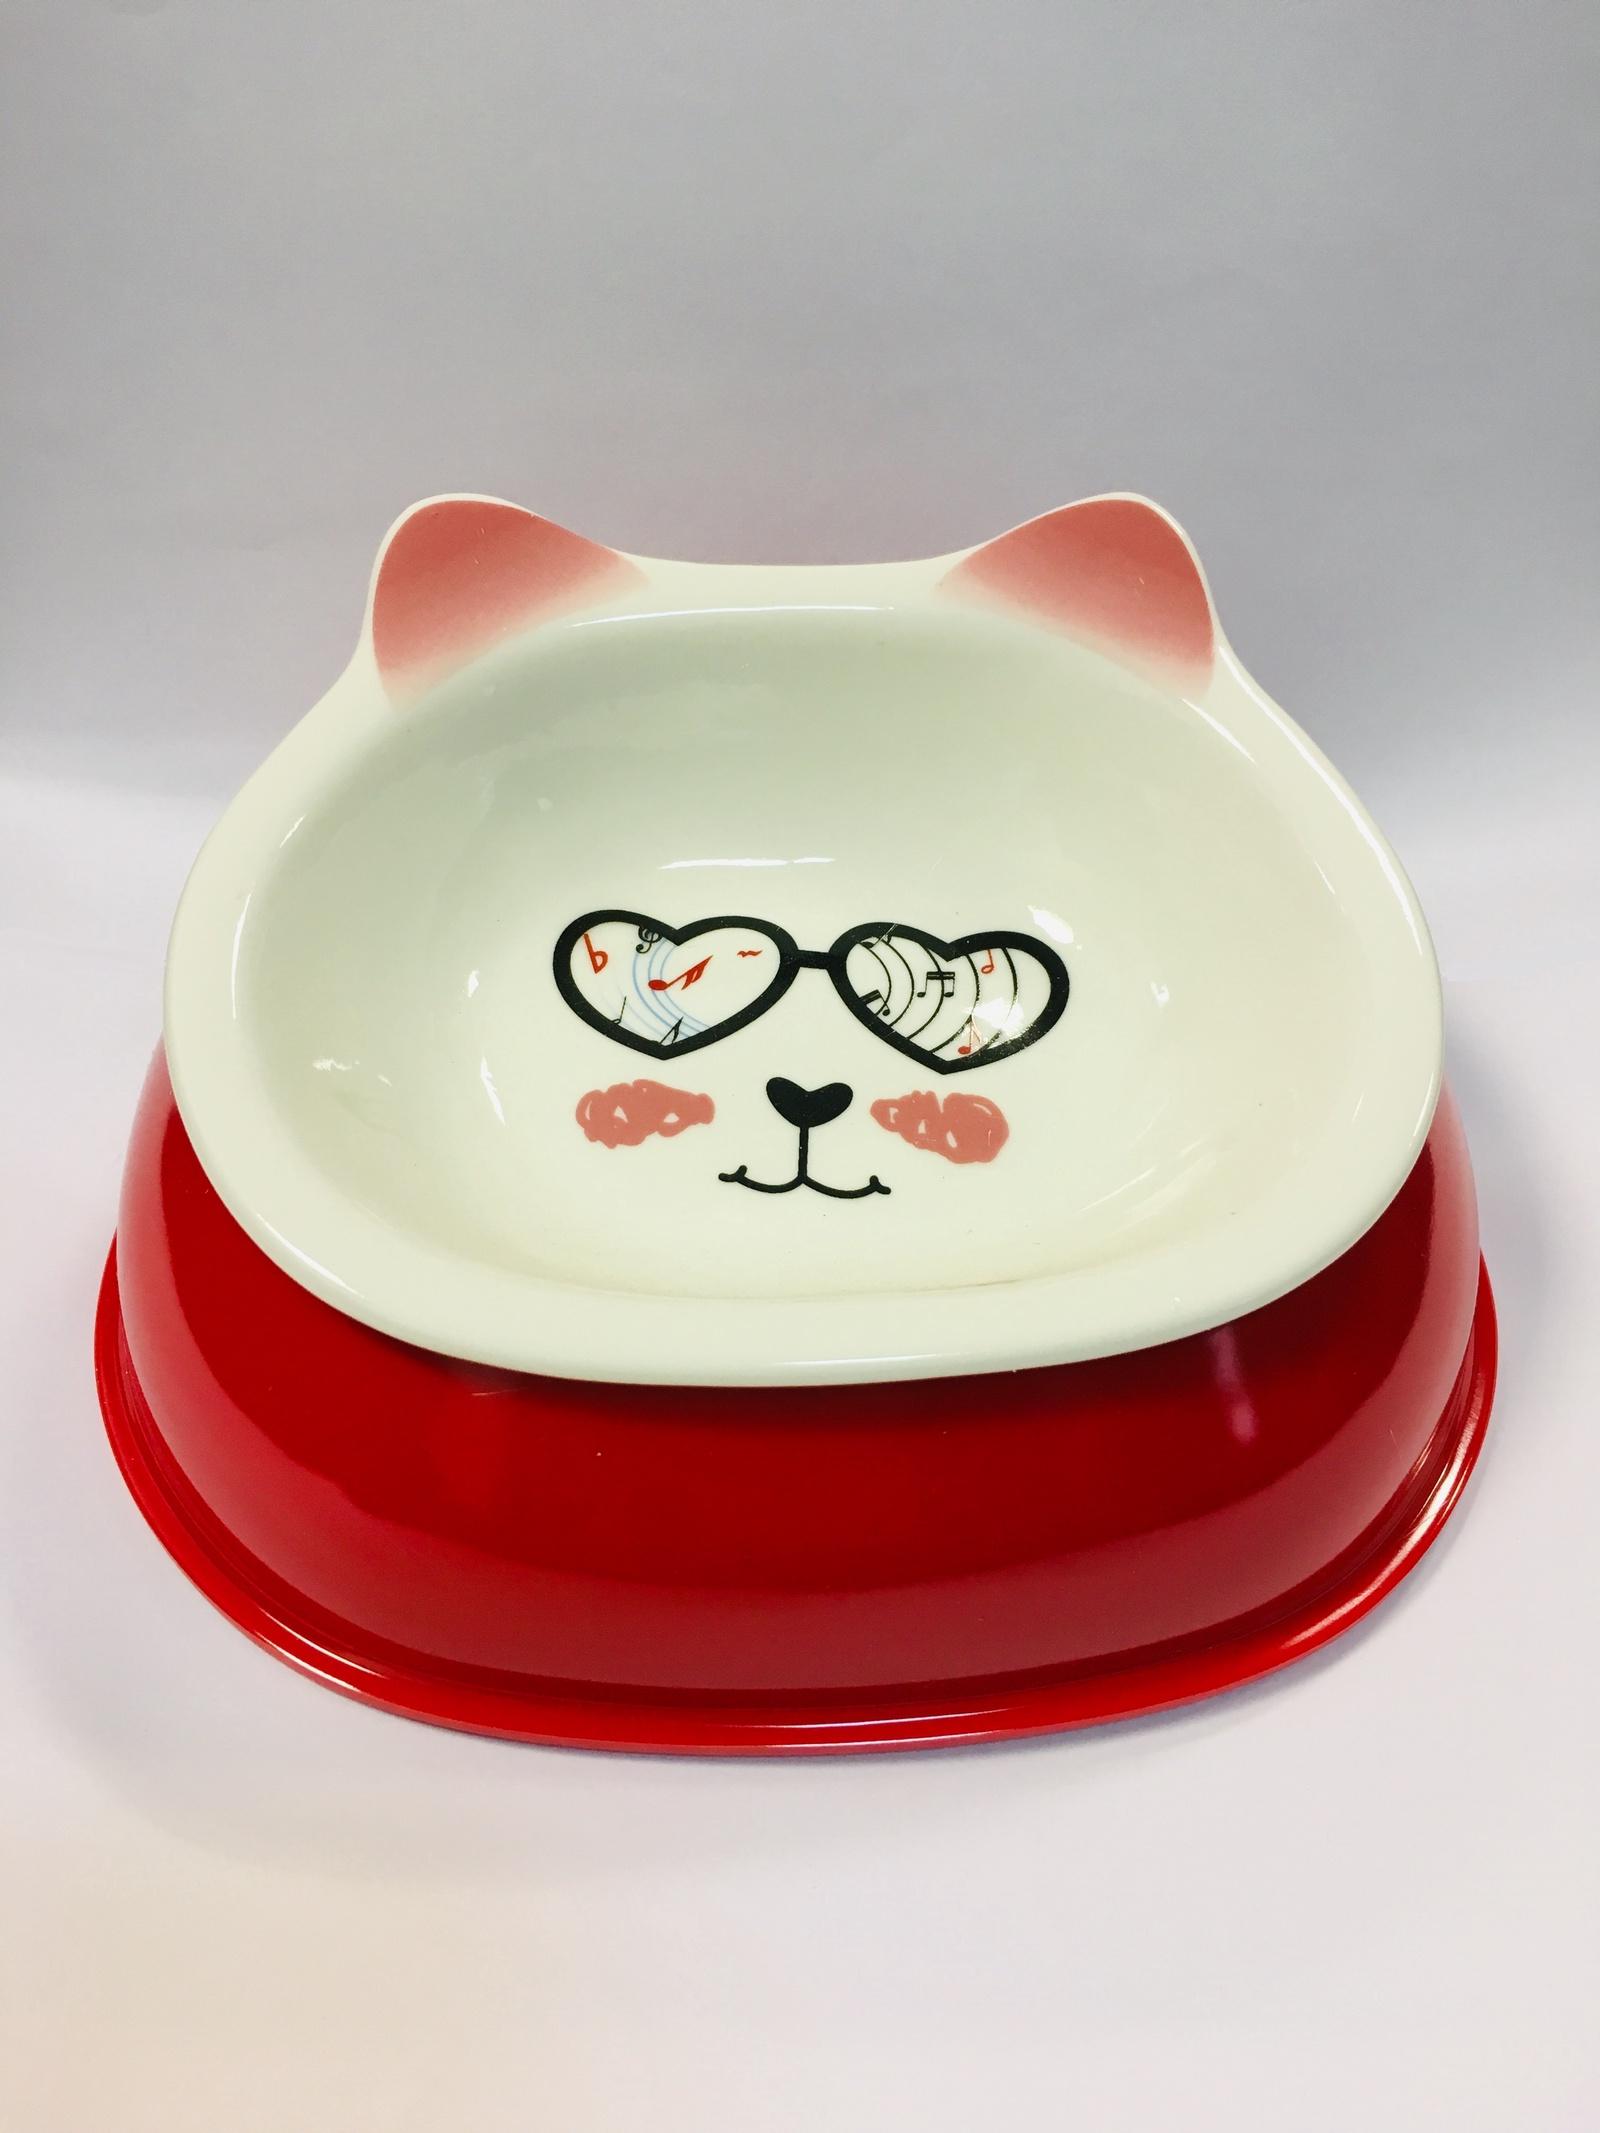 Миска для животных Pug & Pets, керамическая, на подставке top pets store 353101 201